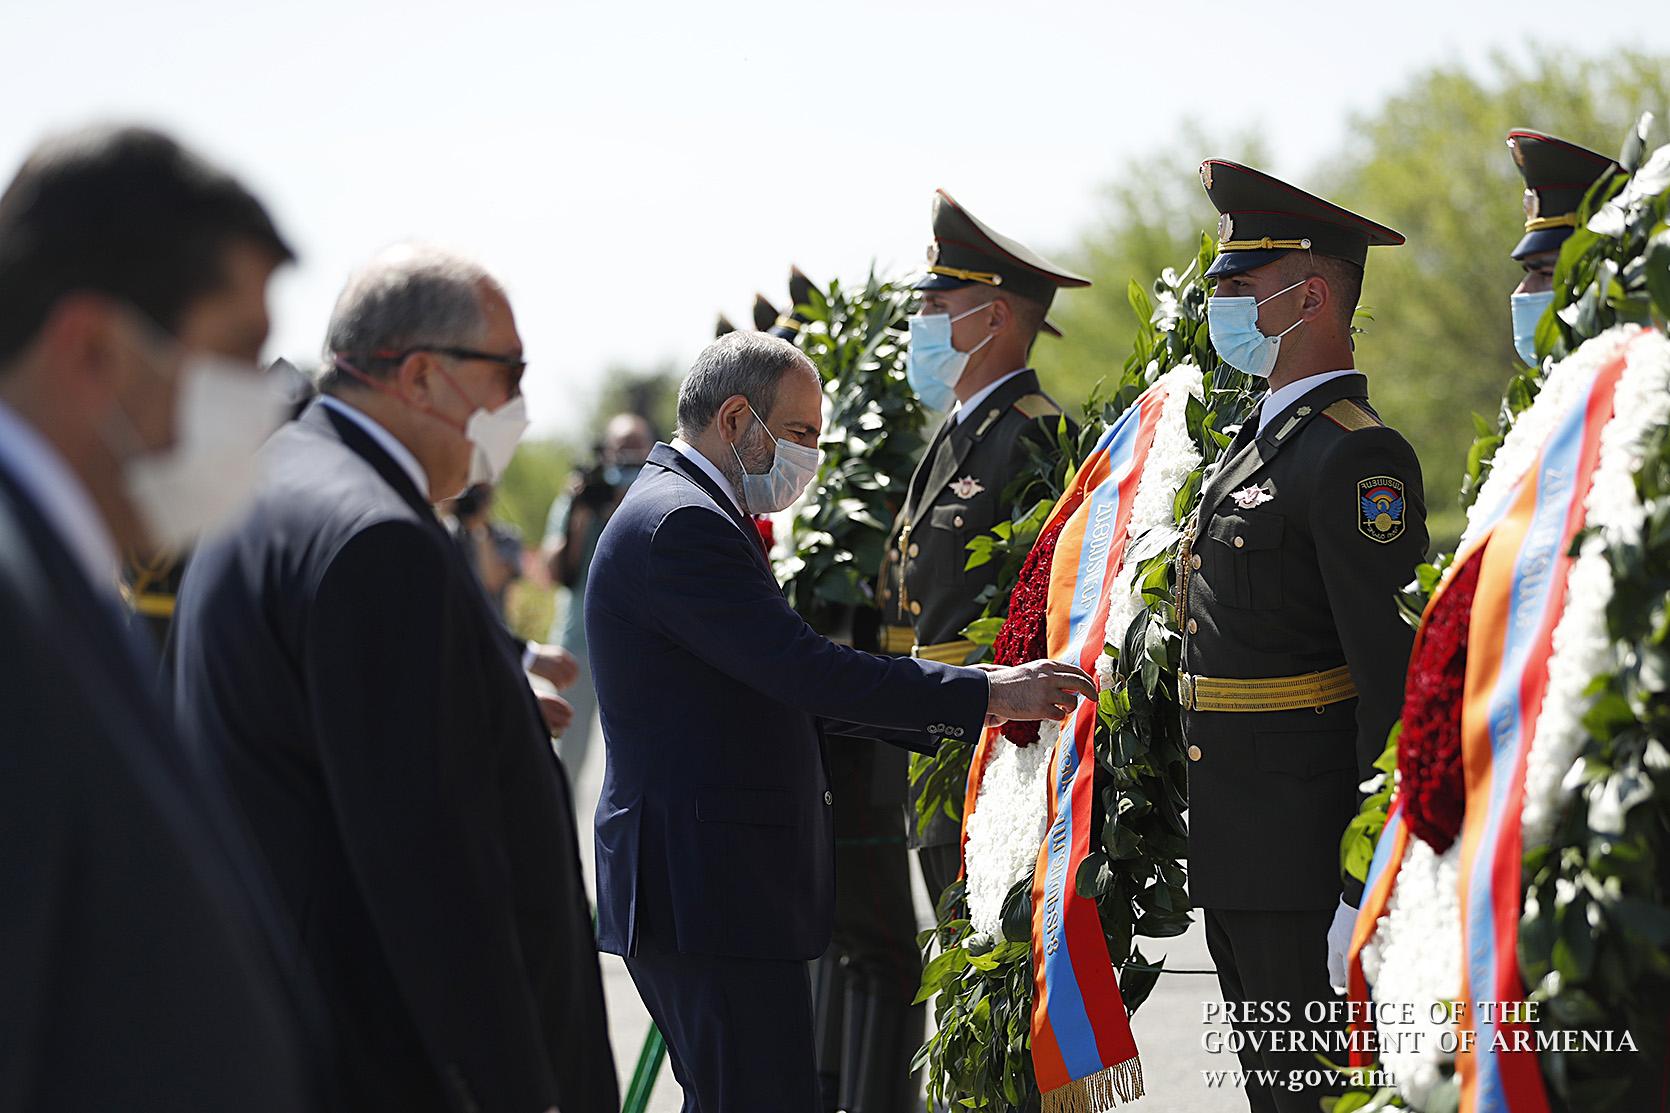 Первая официальная встреча премьера Армении и нового президента Карабаха в Ереване в праздничный день